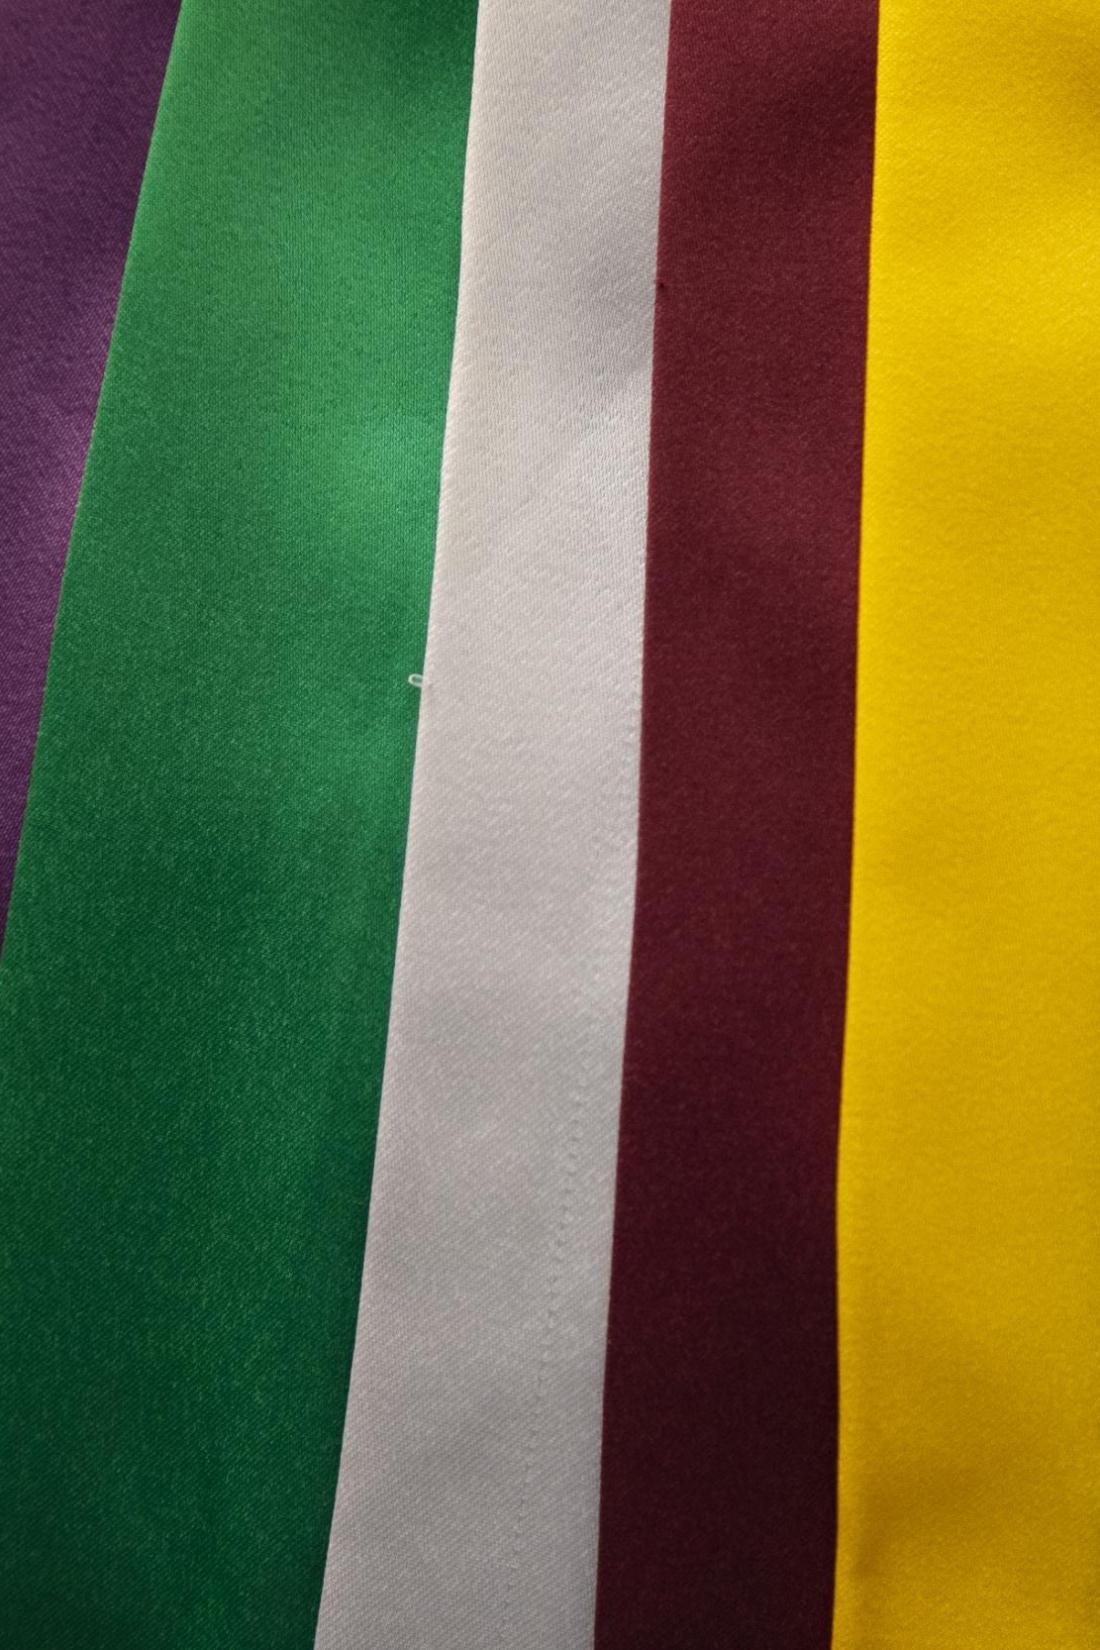 10 - beca tradicional com capelo, faixa, cordão e jabô